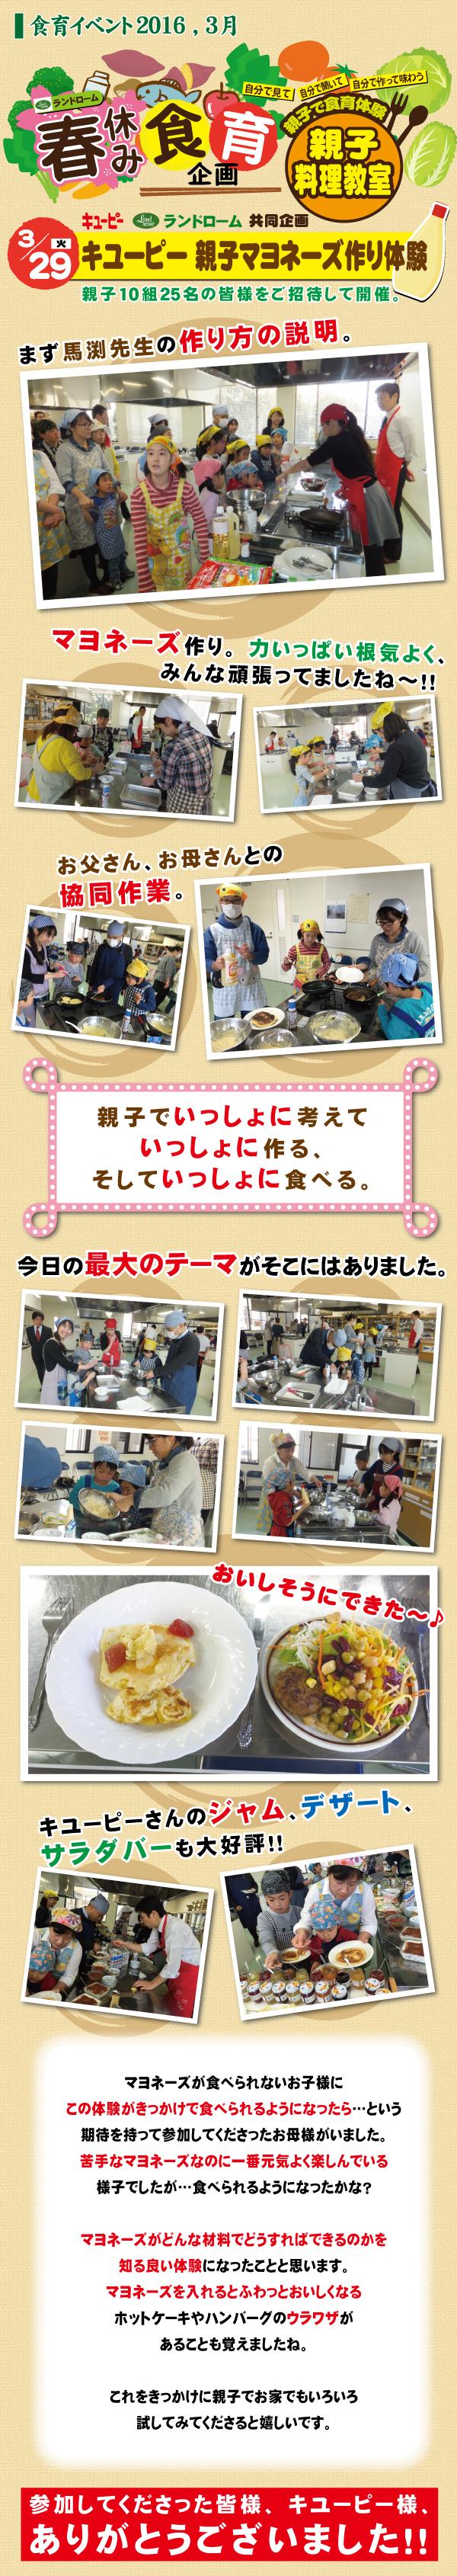 0129_親子マヨネーズ作り体験